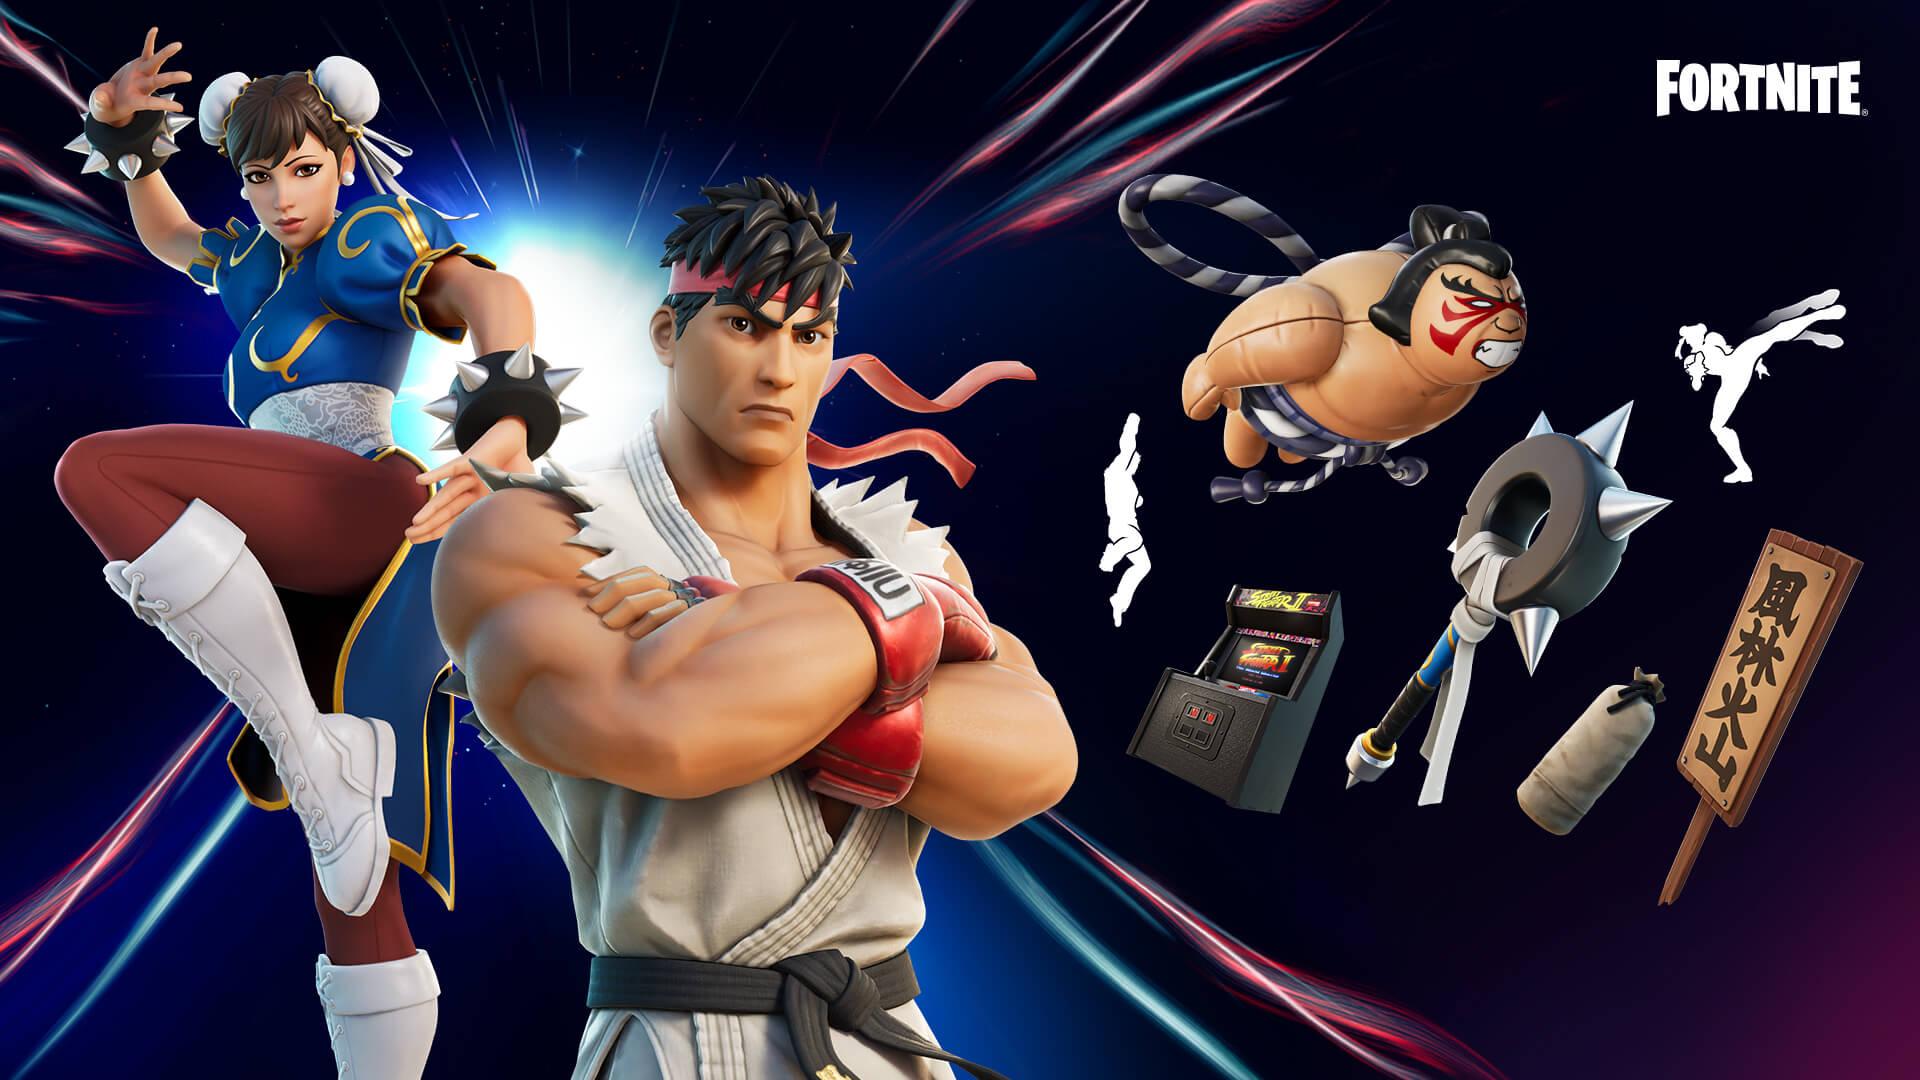 Fortnite obohatily postavy ze Street Fightera Zbytek